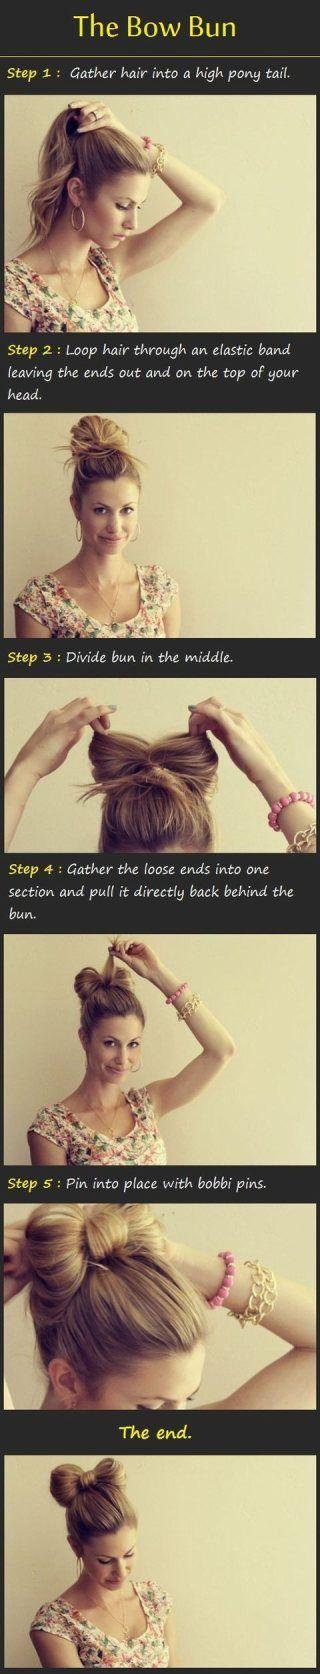 こんばんは(*^^*)相変わらずの気まぐれ更新ごめんなさい´д`;可愛いヘアアレンジの画像をあっぷー↑これ簡単そうだし可愛い~他に...|初心者でも簡単無料!ブログを作るなら CROOZ blog